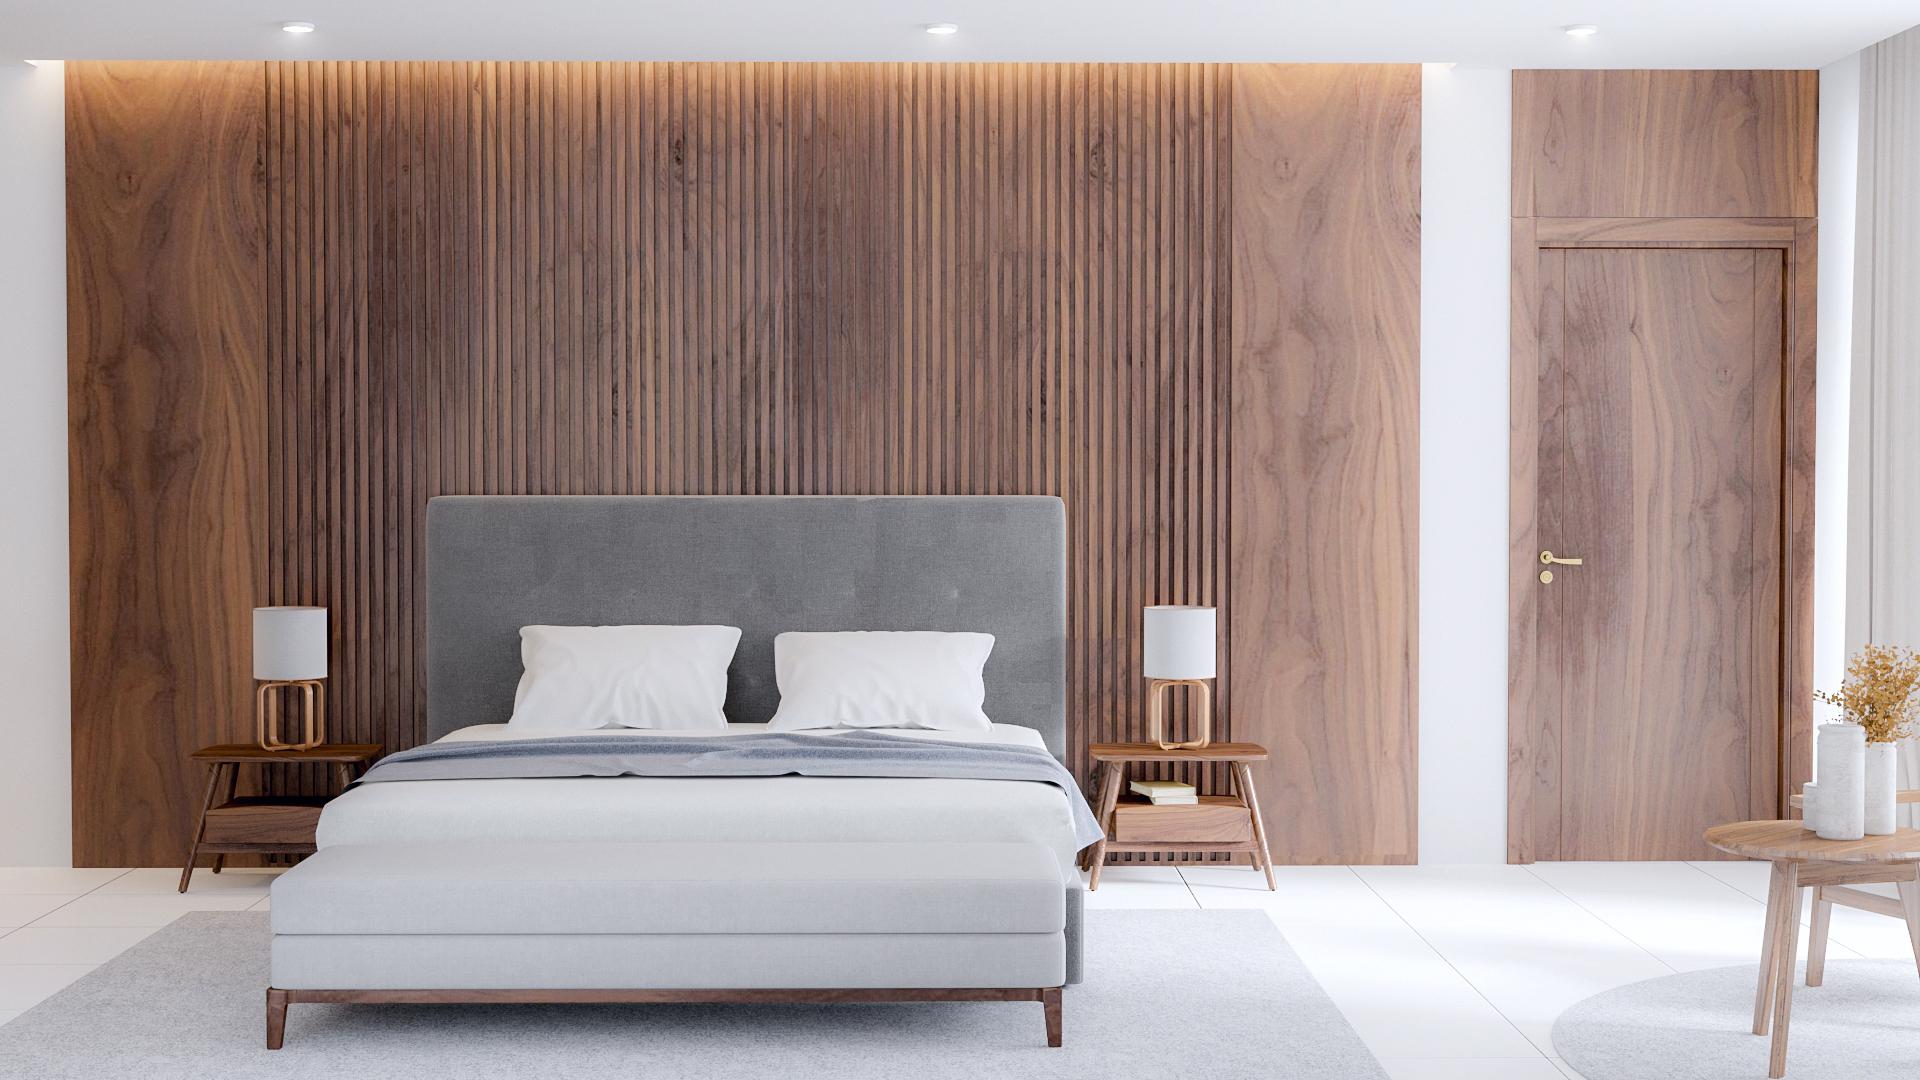 Thiết kế nội thất biệt thự hiện đại - Thước Tầm